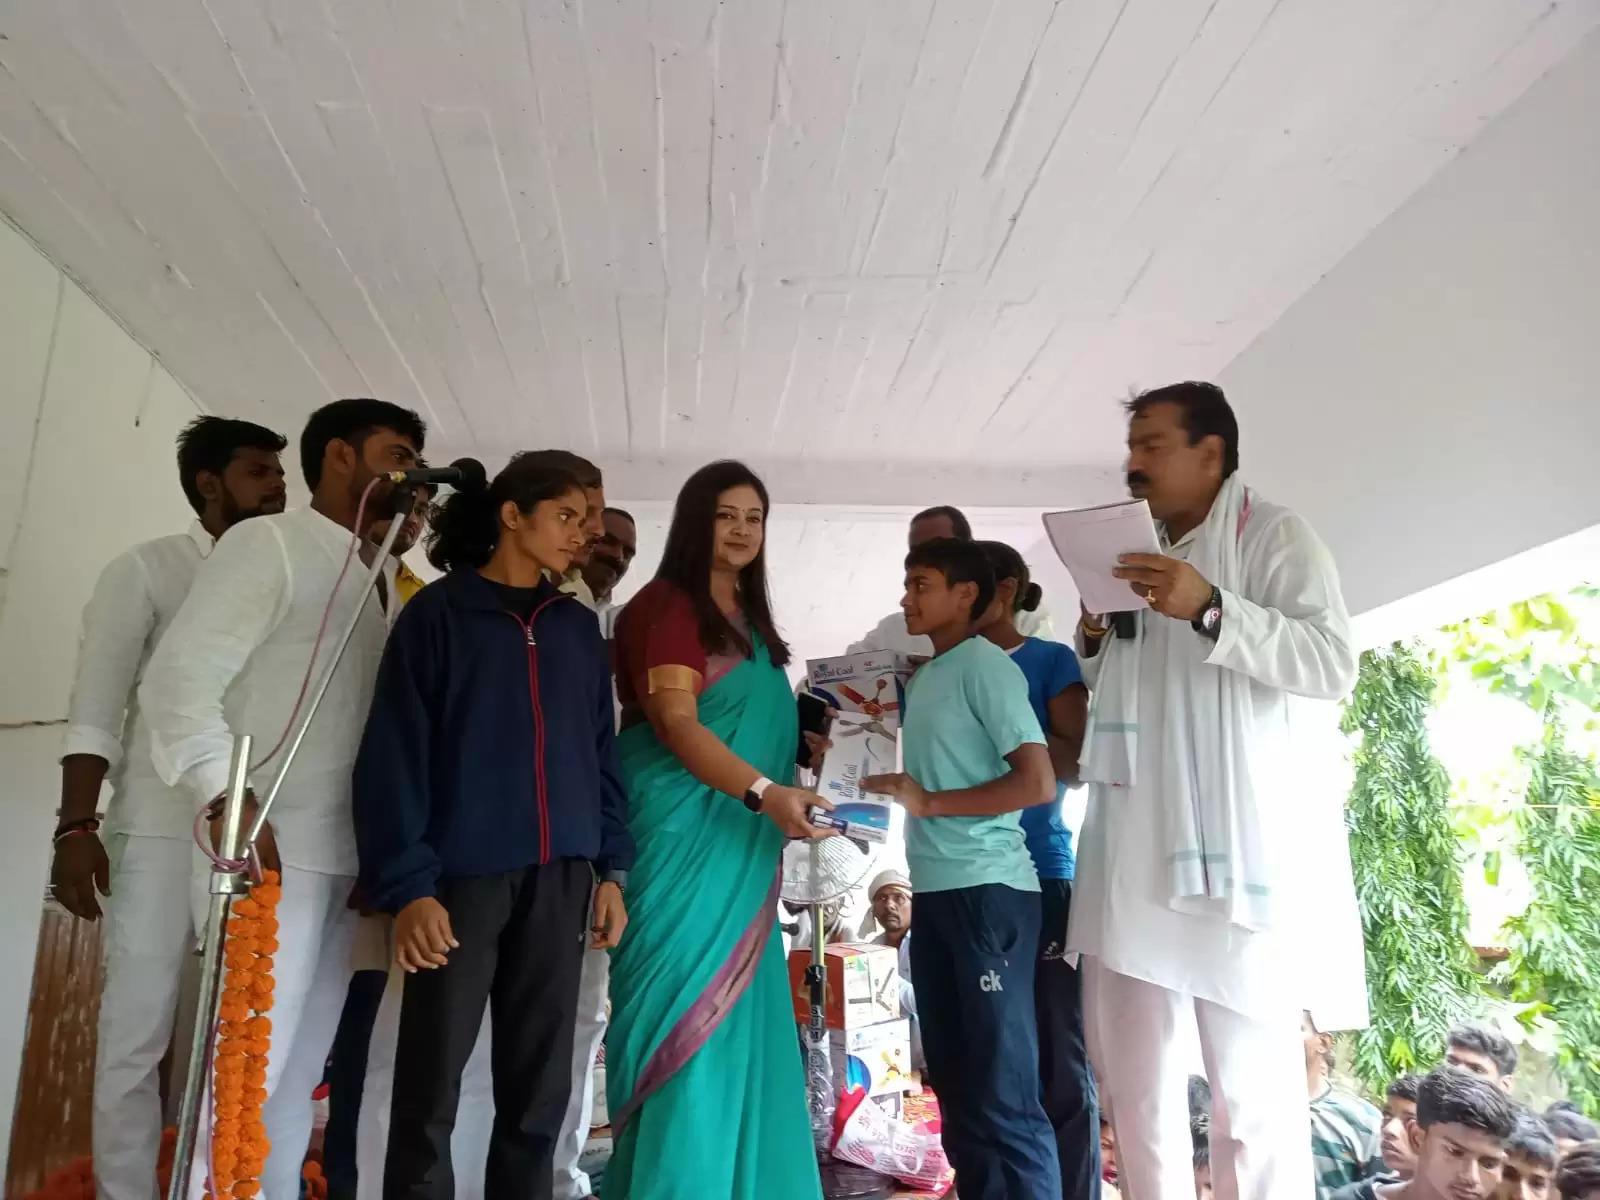 गांधी जयंती के अवसर पर मैराथन दौड़ का हुआ आयोजन